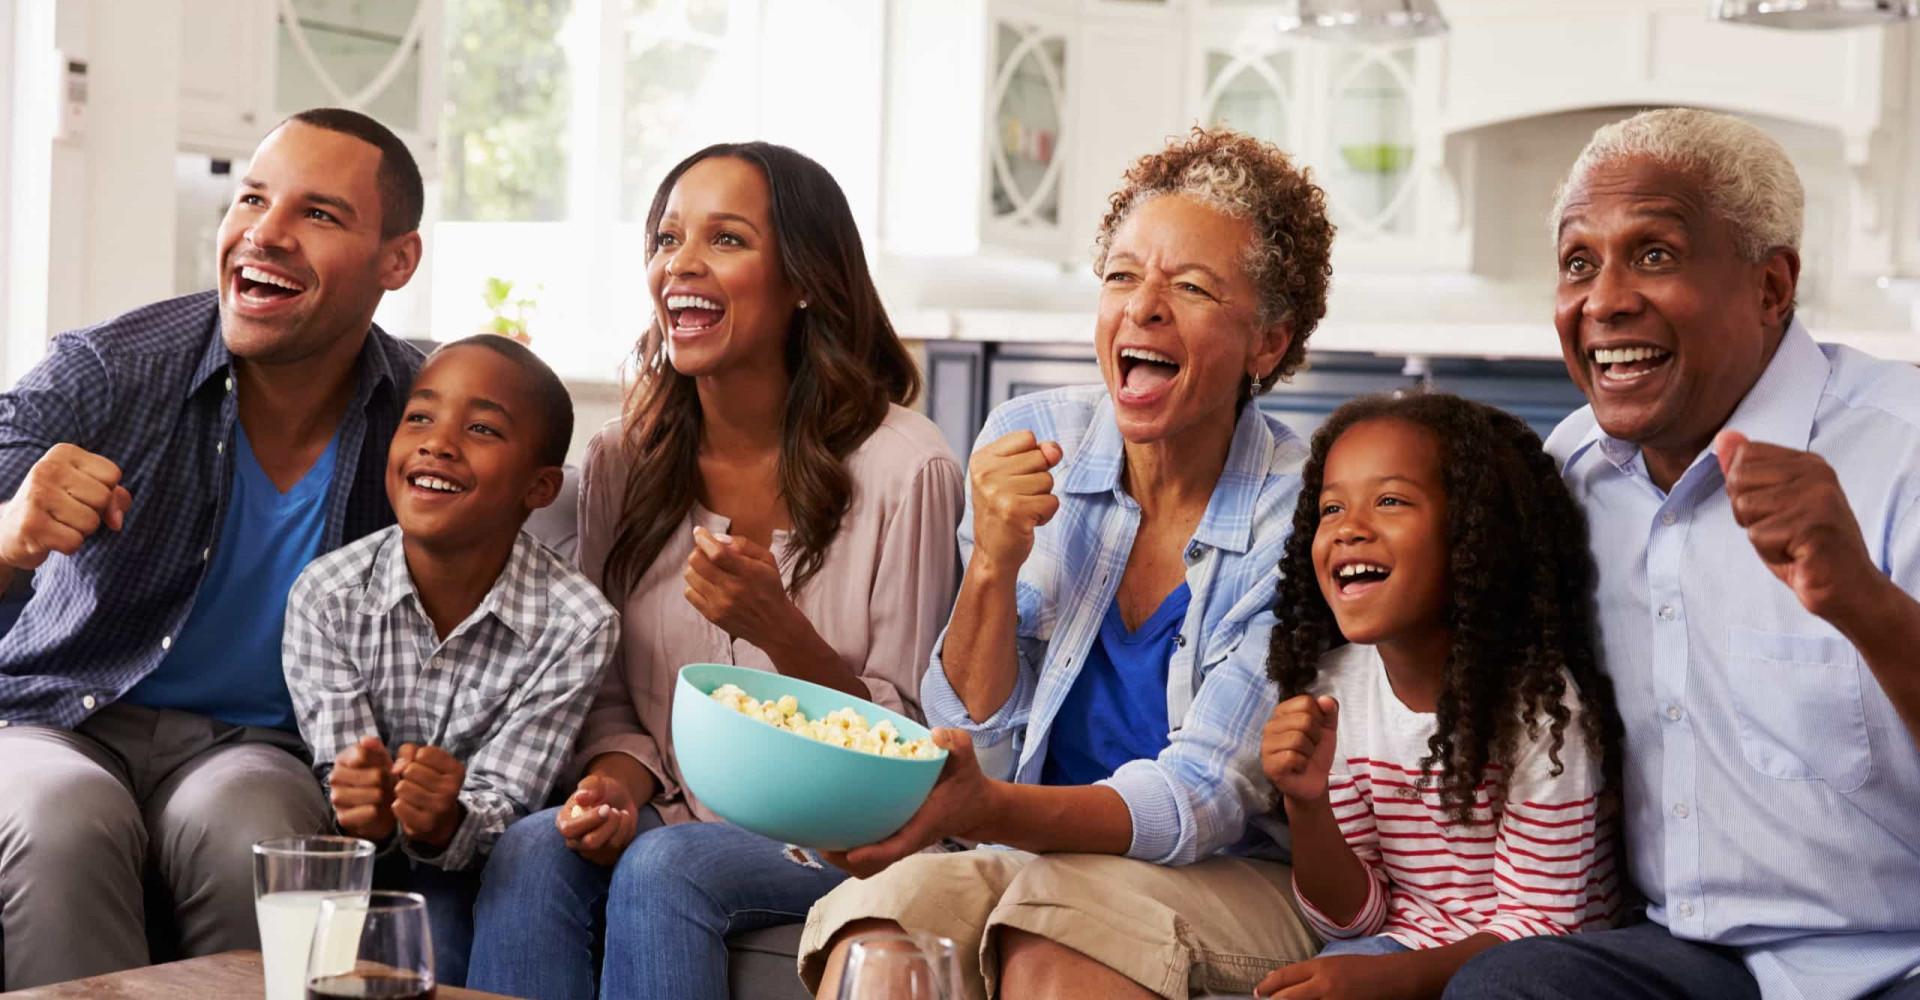 ¿Qué beneficios aporta la televisión a nuestros hijos?